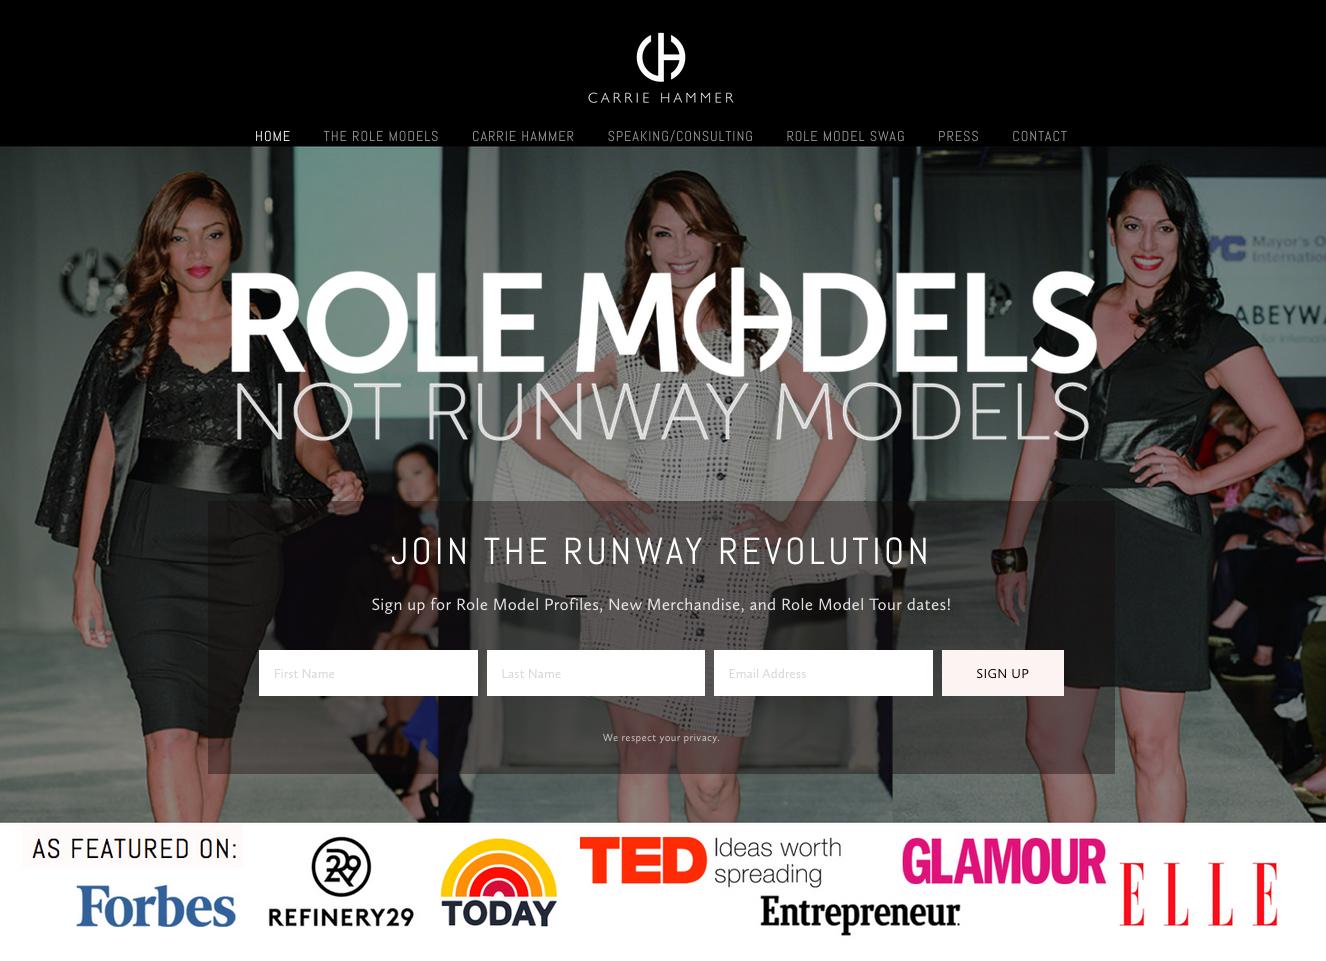 http://rolemodelsnotrunwaymodels.com/